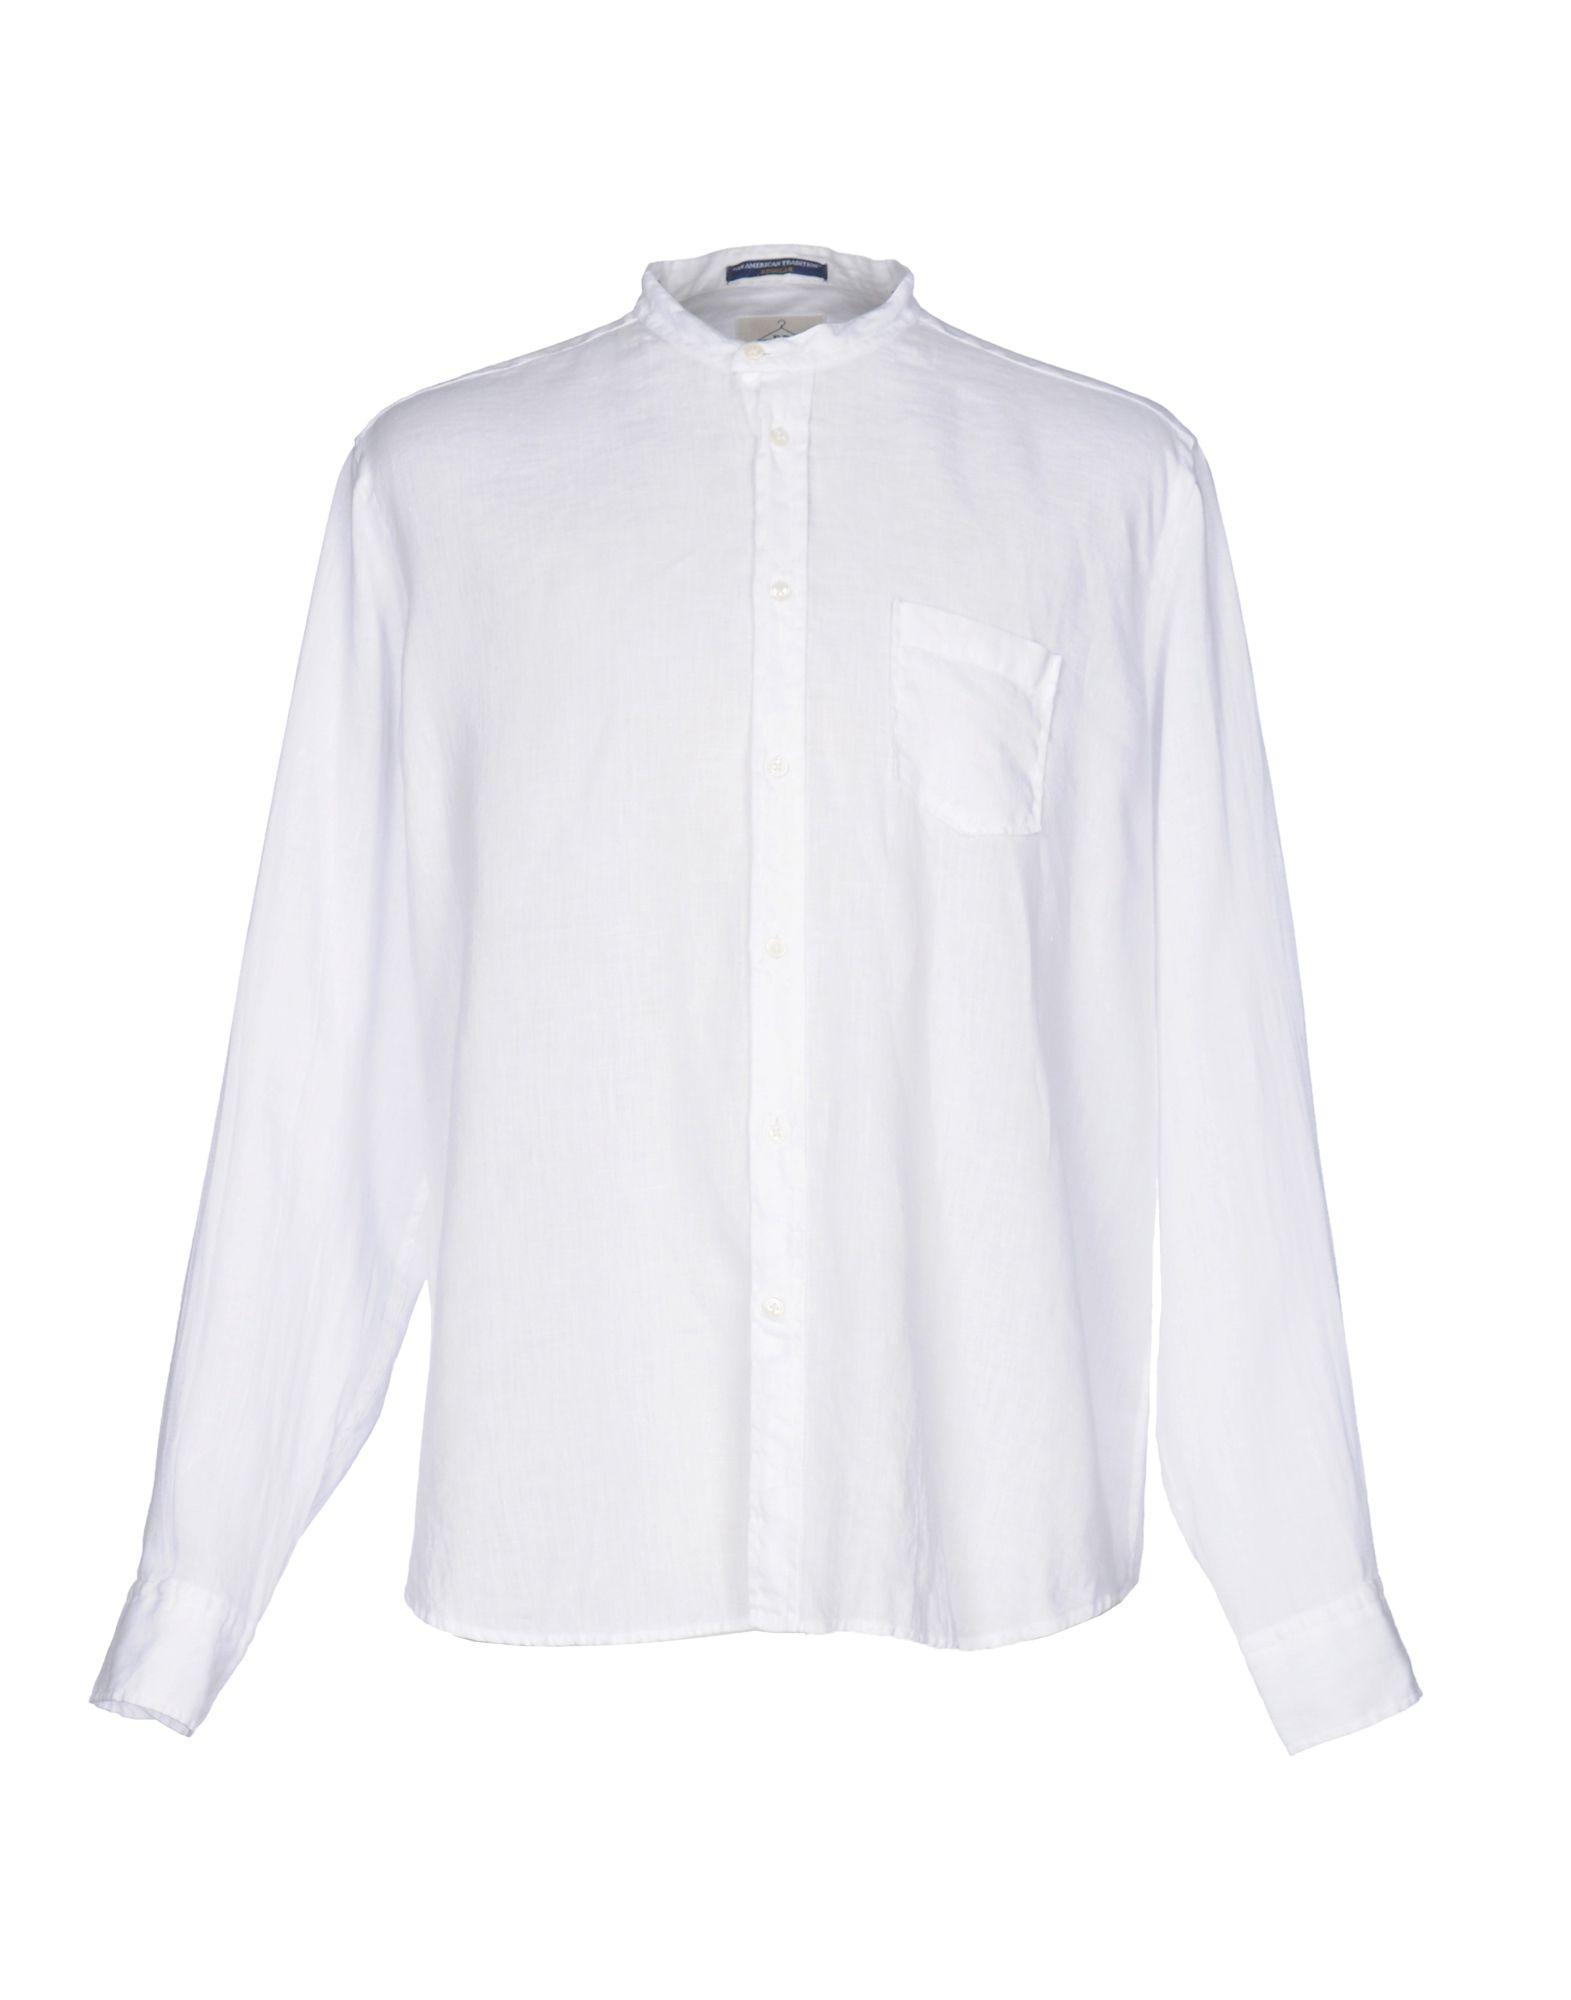 《送料無料》B.D.BAGGIES メンズ シャツ ホワイト S 麻 100%